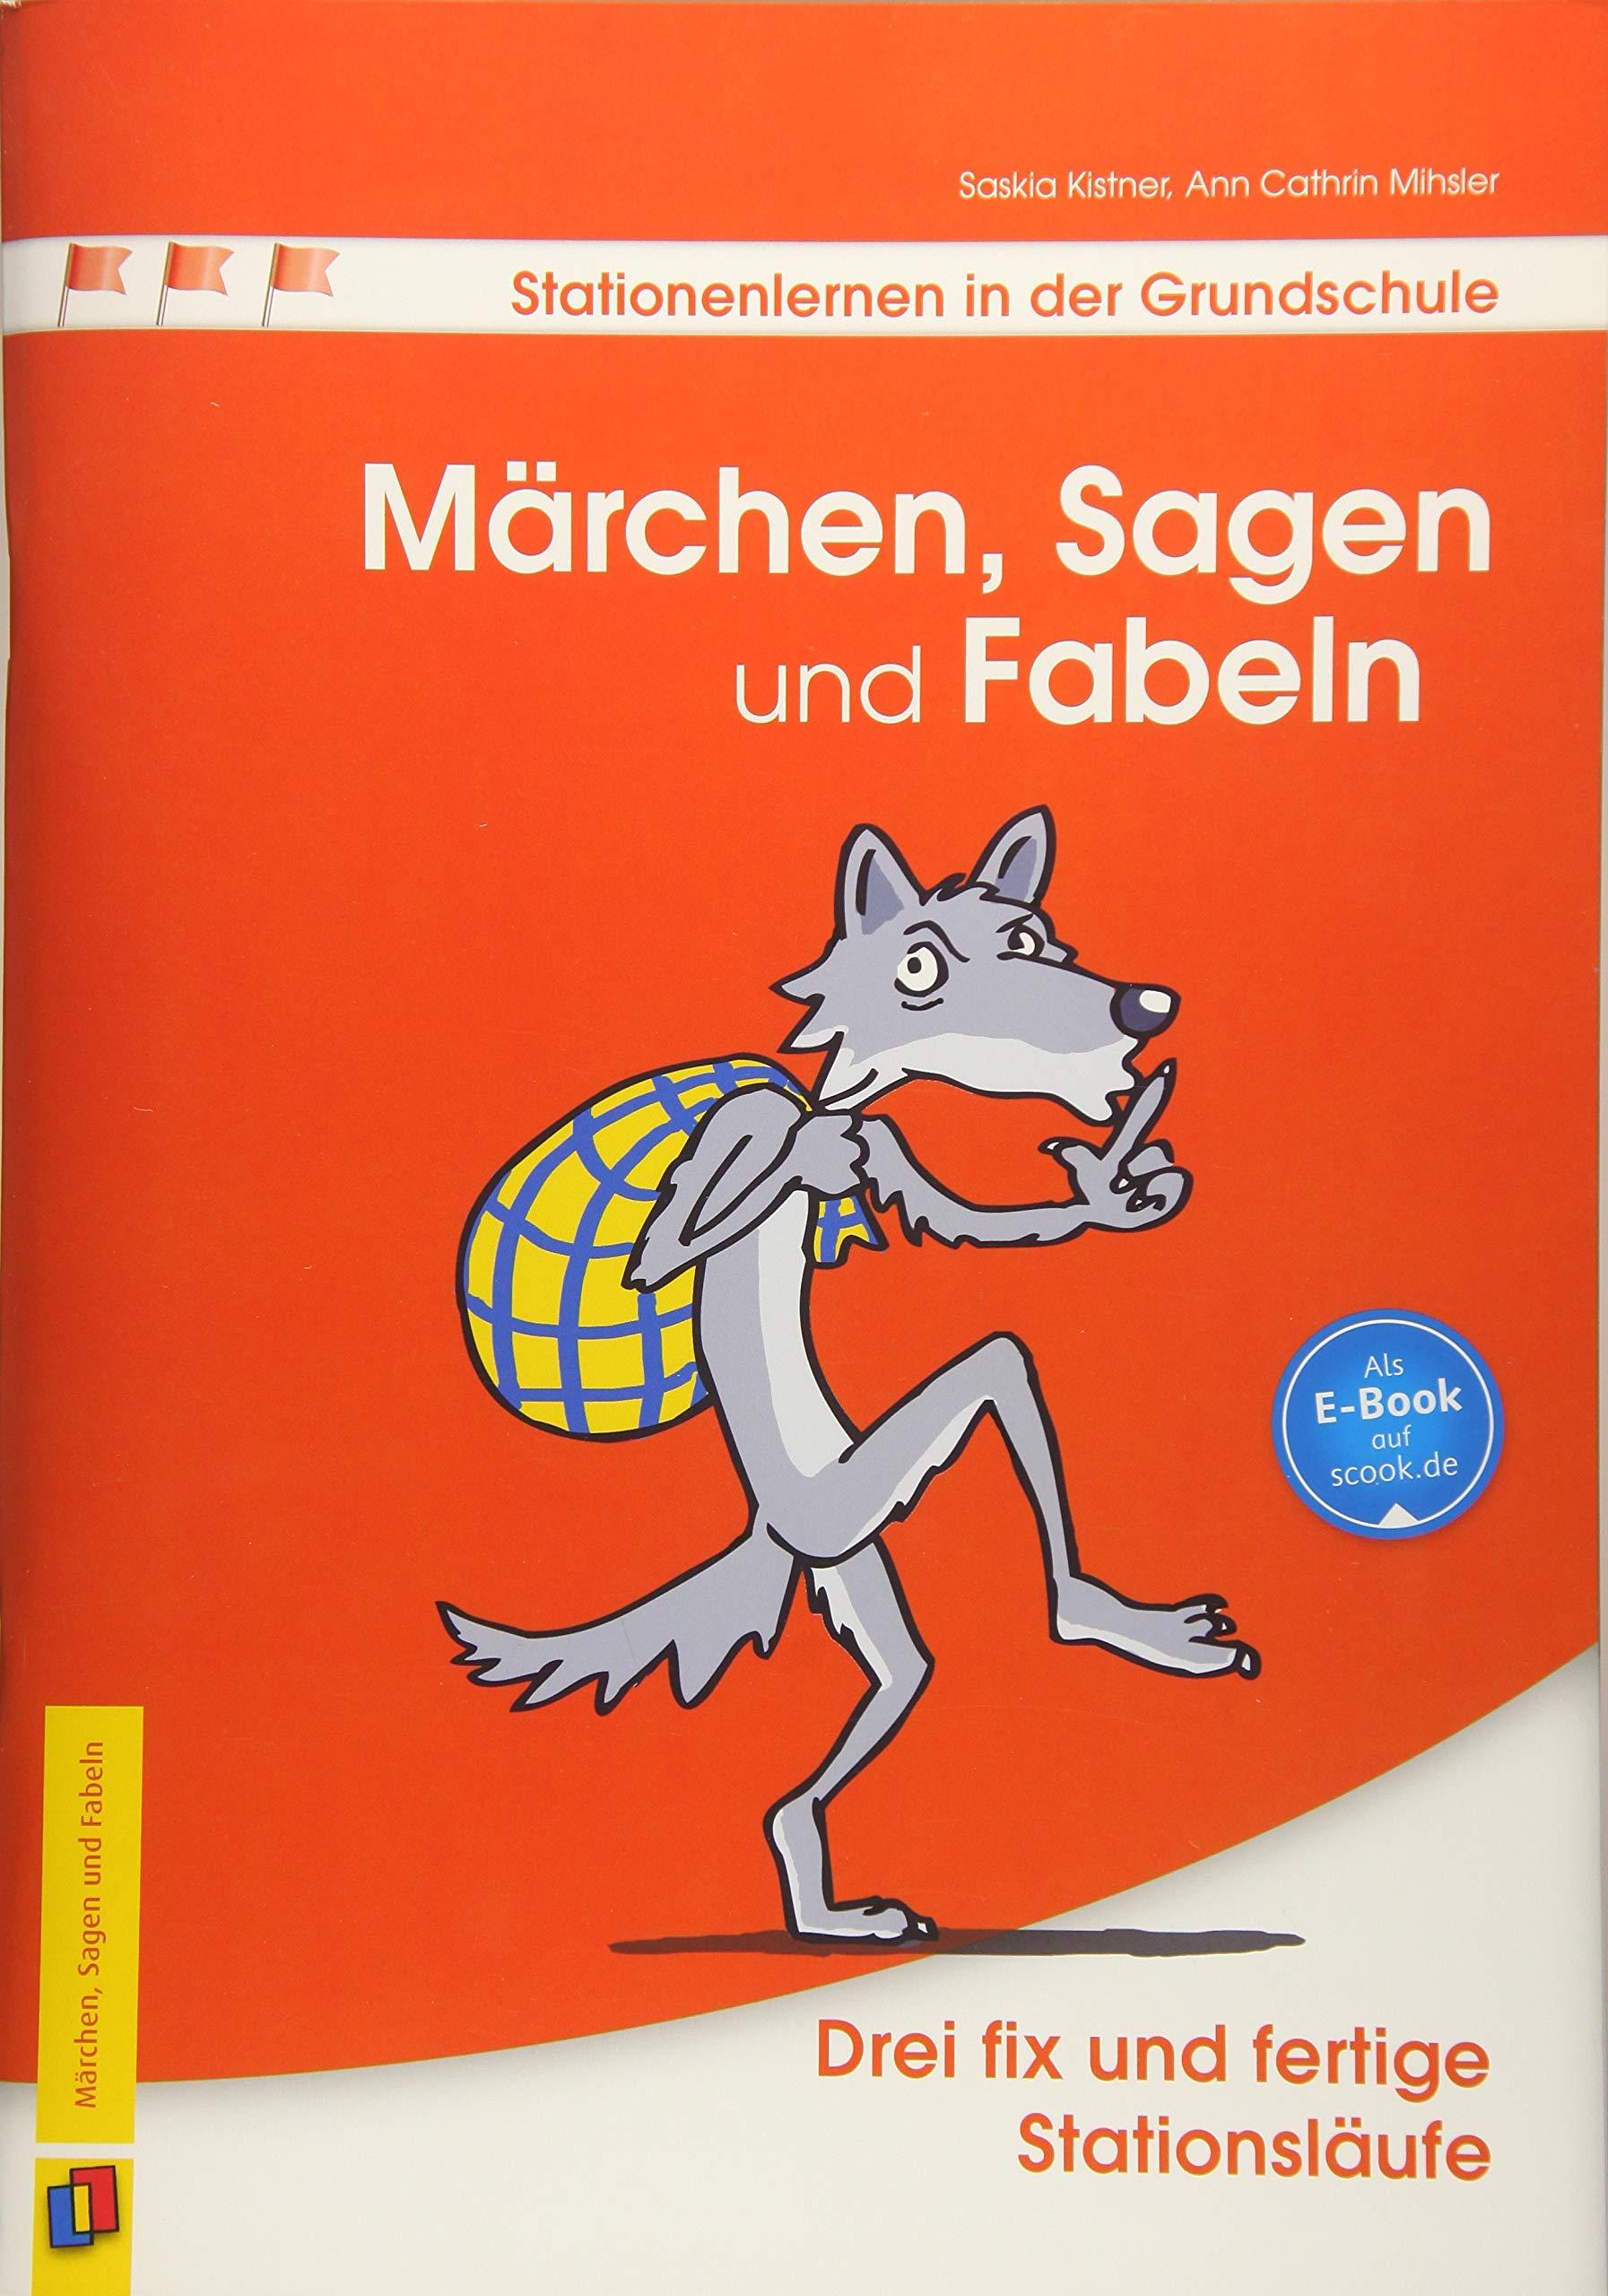 Stationenlernen in der Grundschule Märchen, Sagen und Fabeln ...